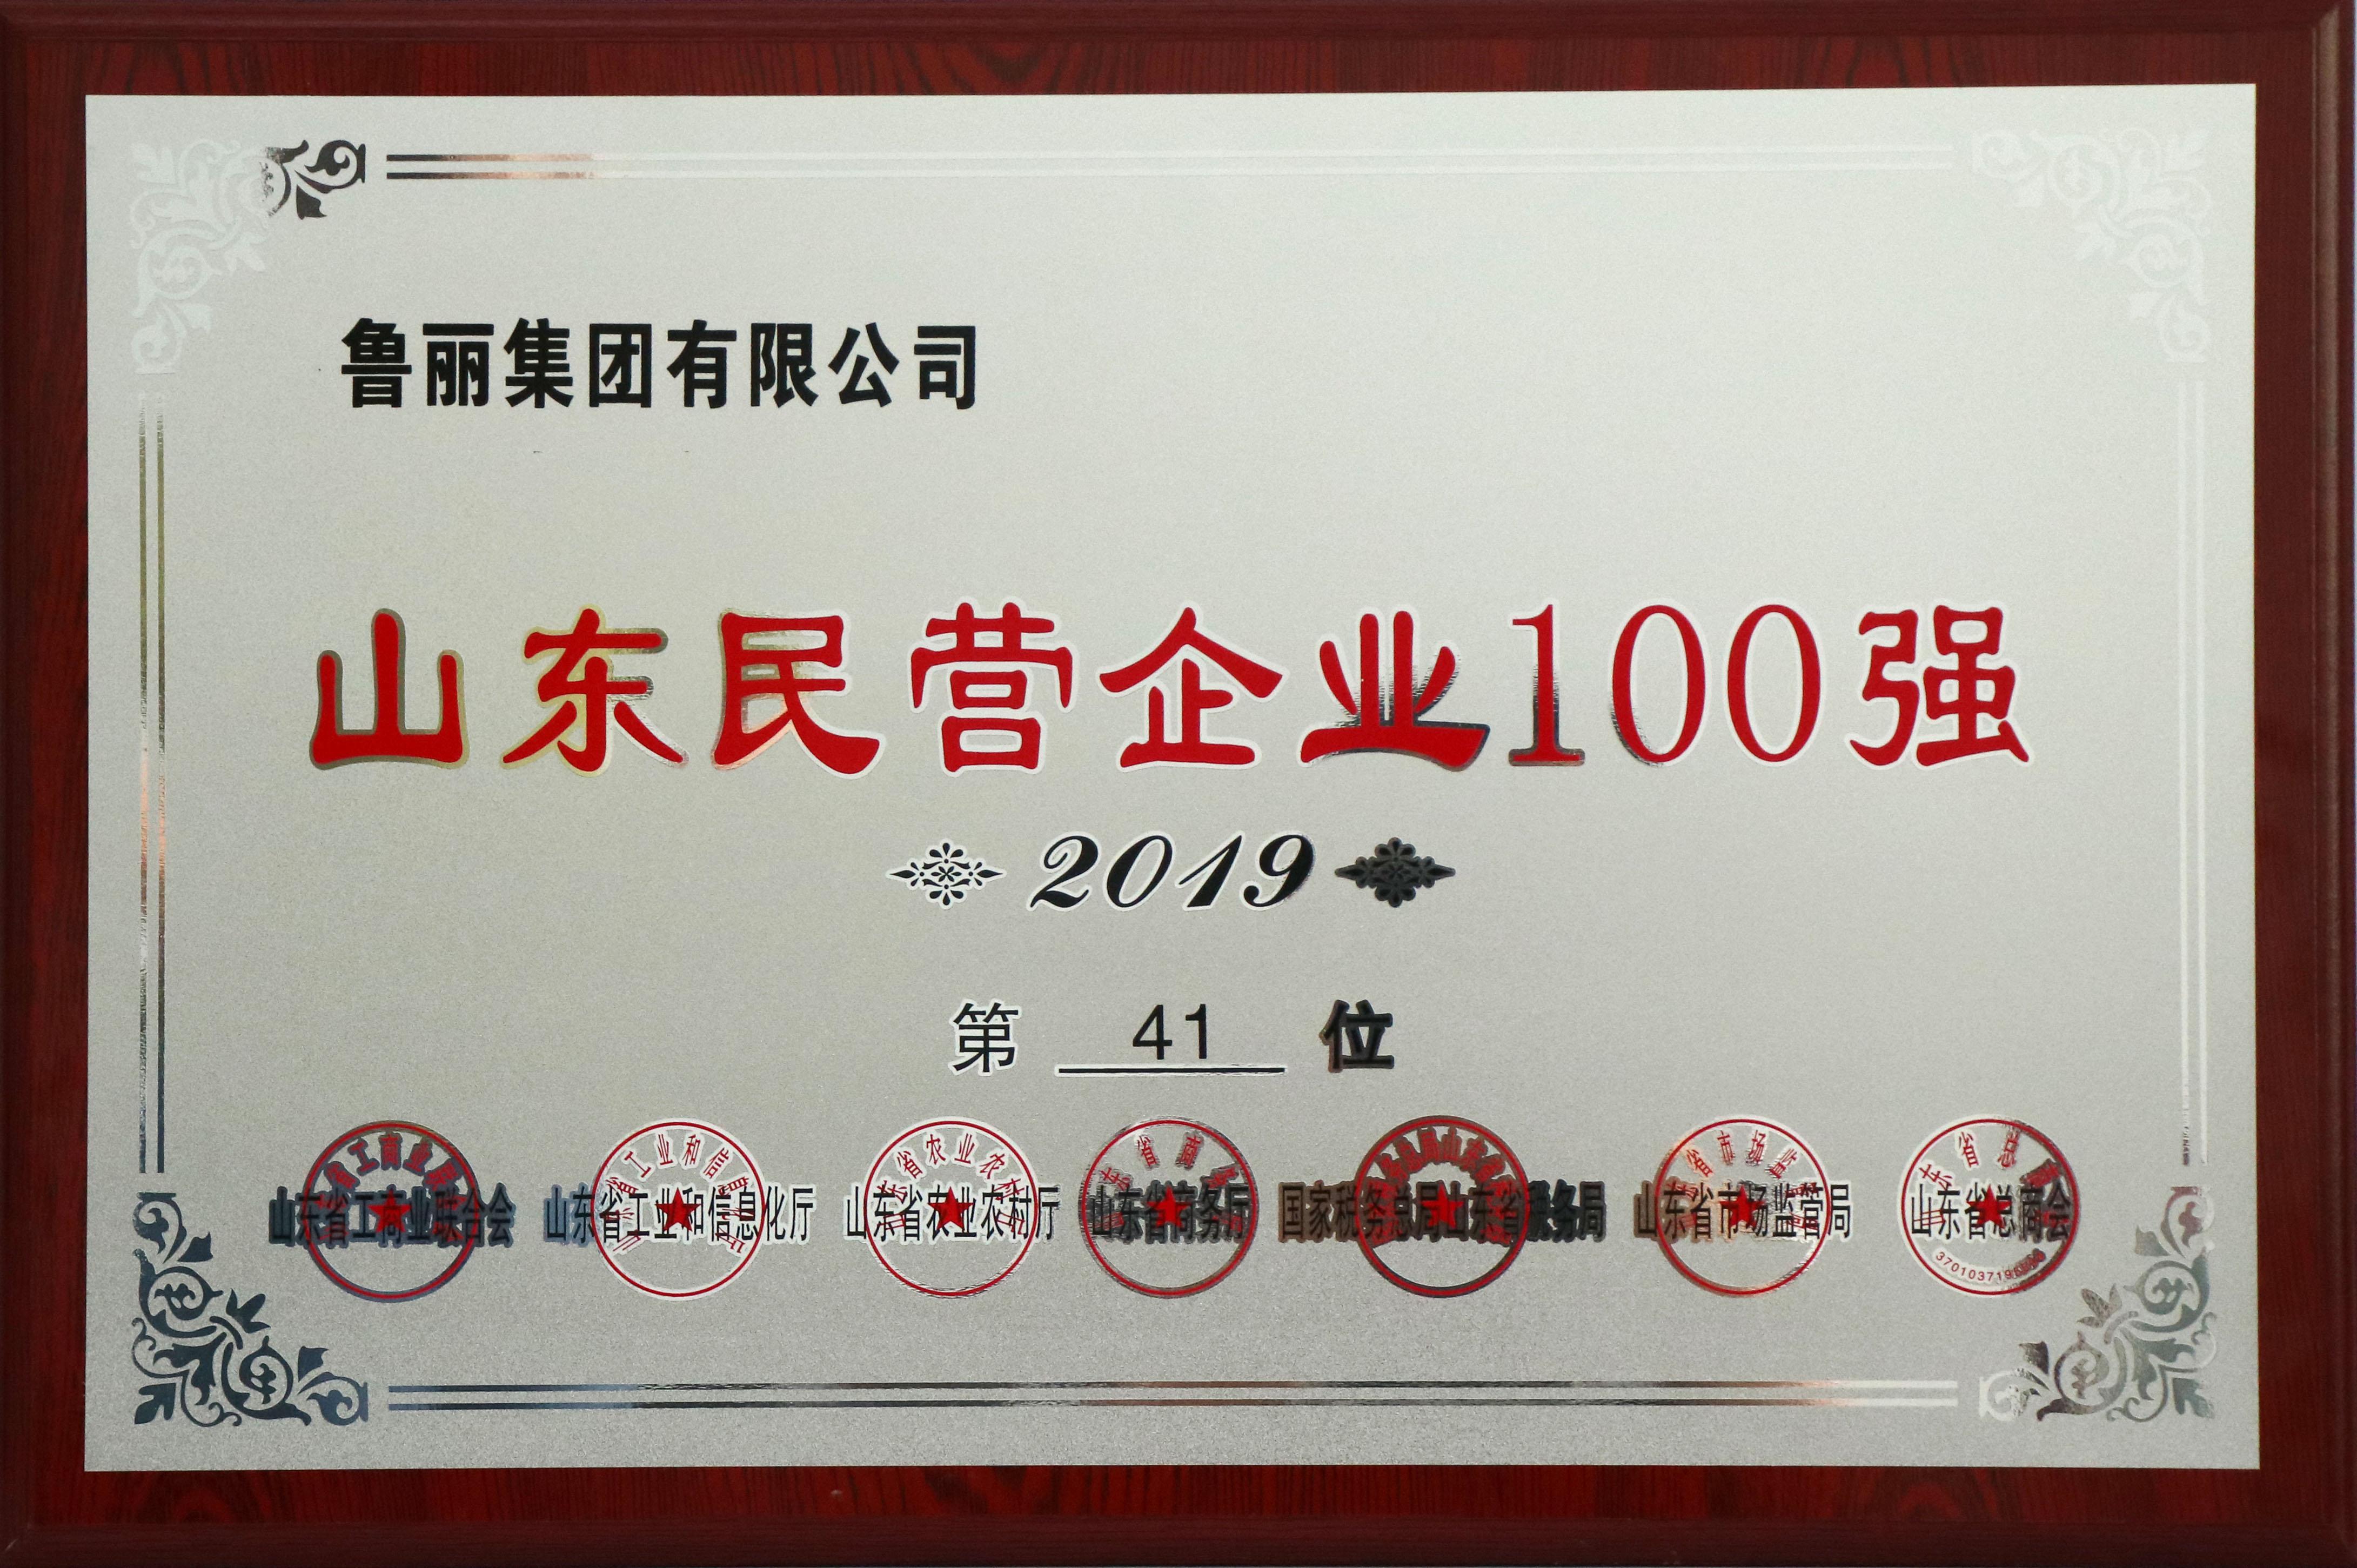 山东民营企业100强 41位